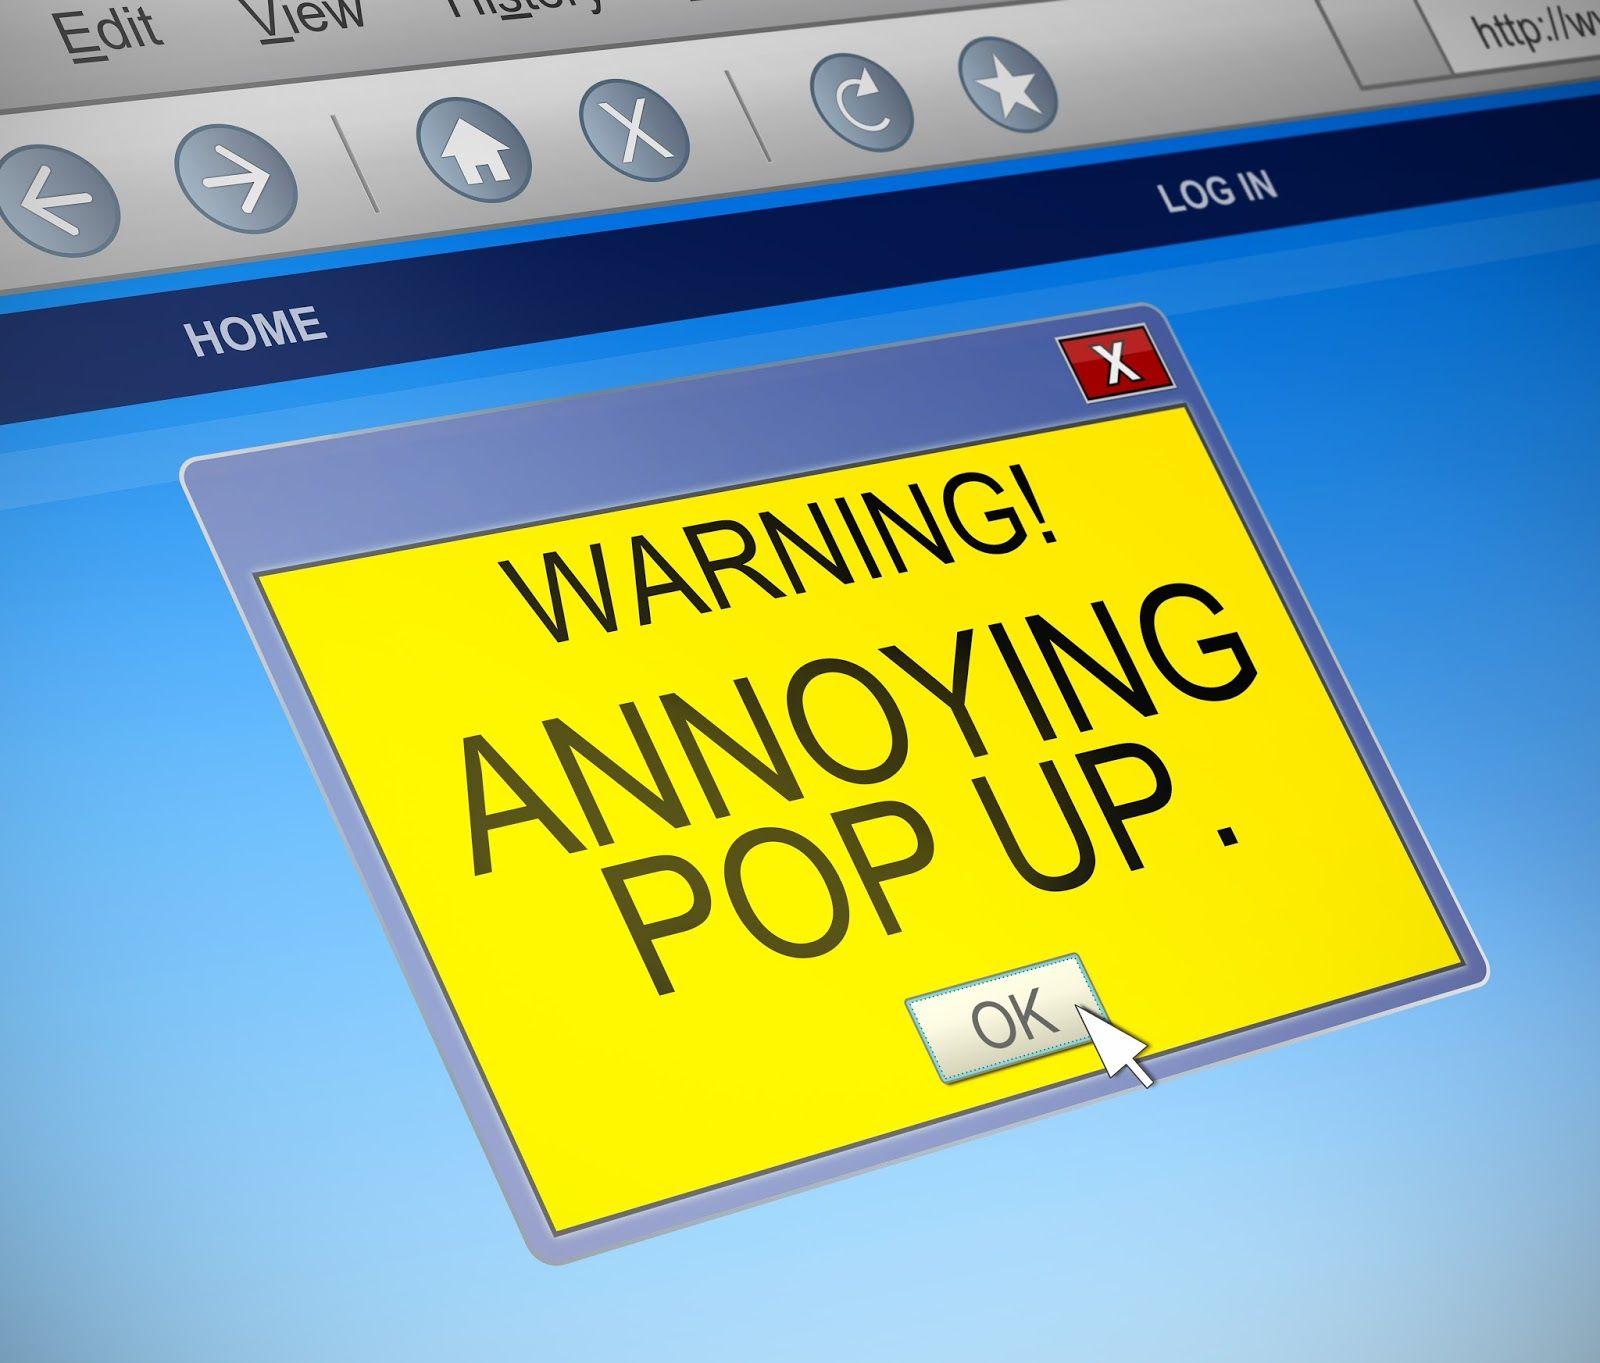 Gedaan met mobiele pop-ups dankzij Google? http://updates-uptodatewebdesign.blogspot.com/2016/09/gedaan-met-mobiele-pop-ups-dankzij.html?utm_source=rss&utm_medium=Sendible&utm_campaign=RSS